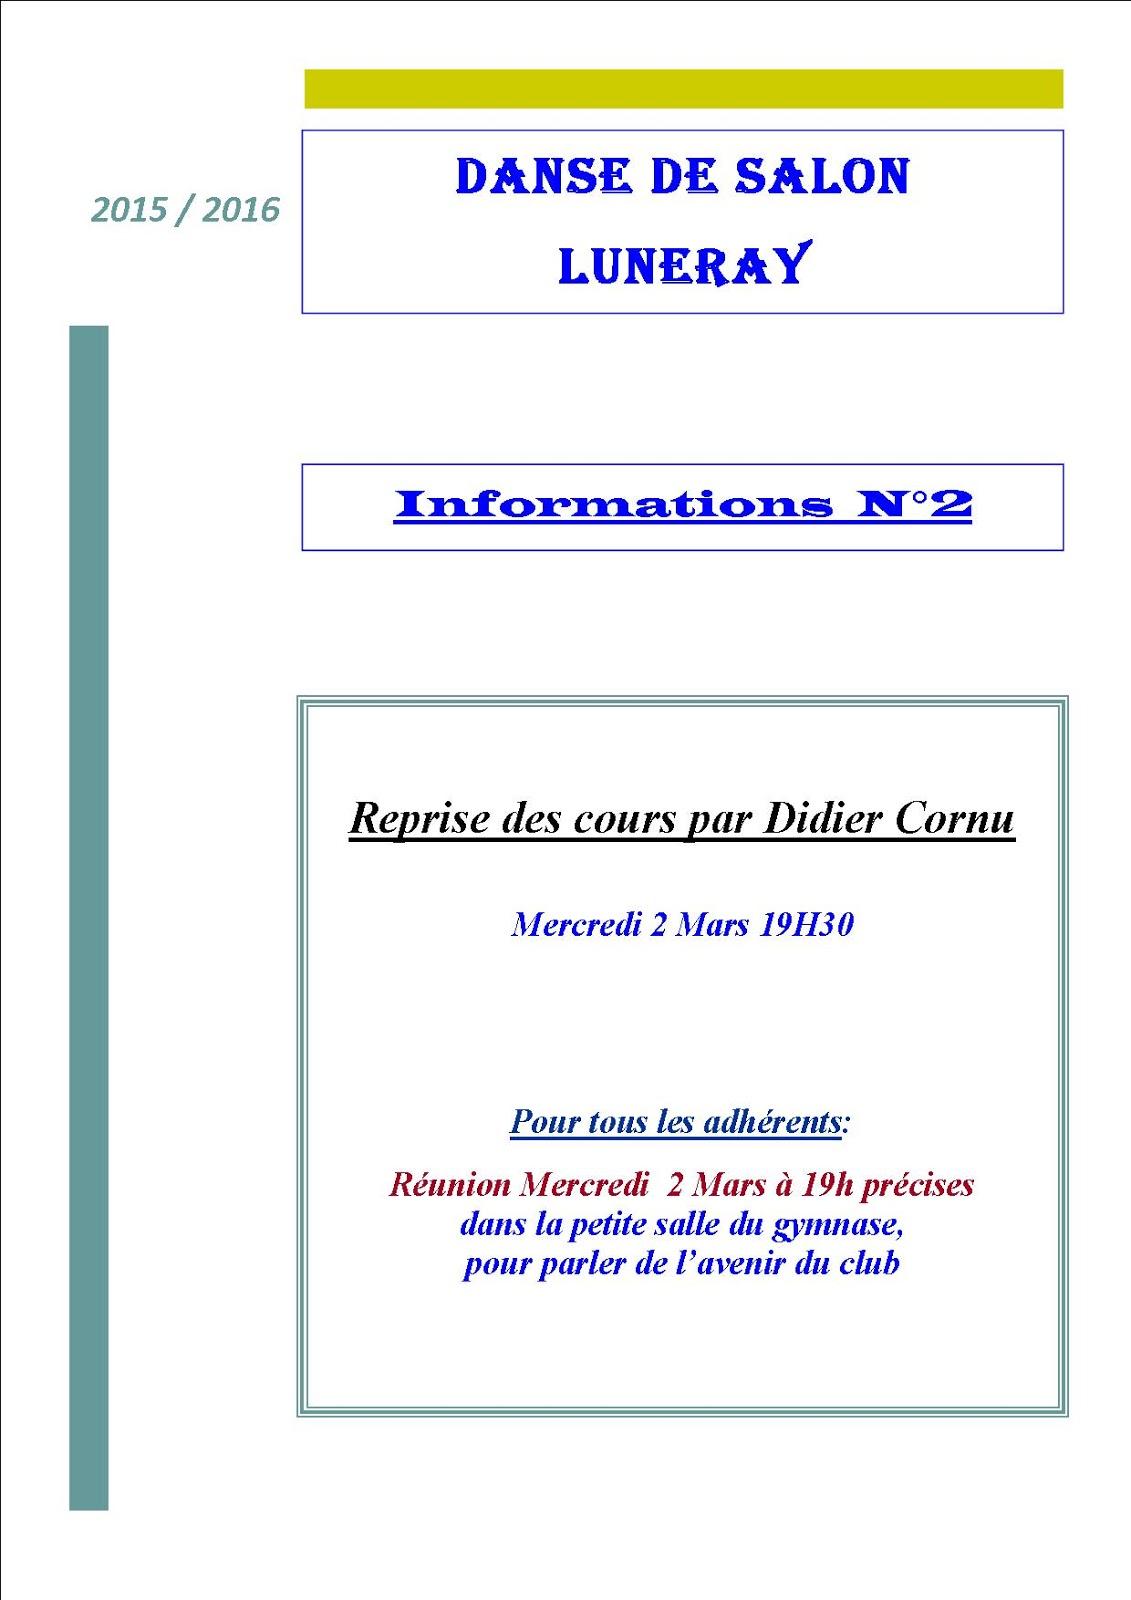 Club de danse de salon luneray 2015 2016 informations n for Blog danse de salon